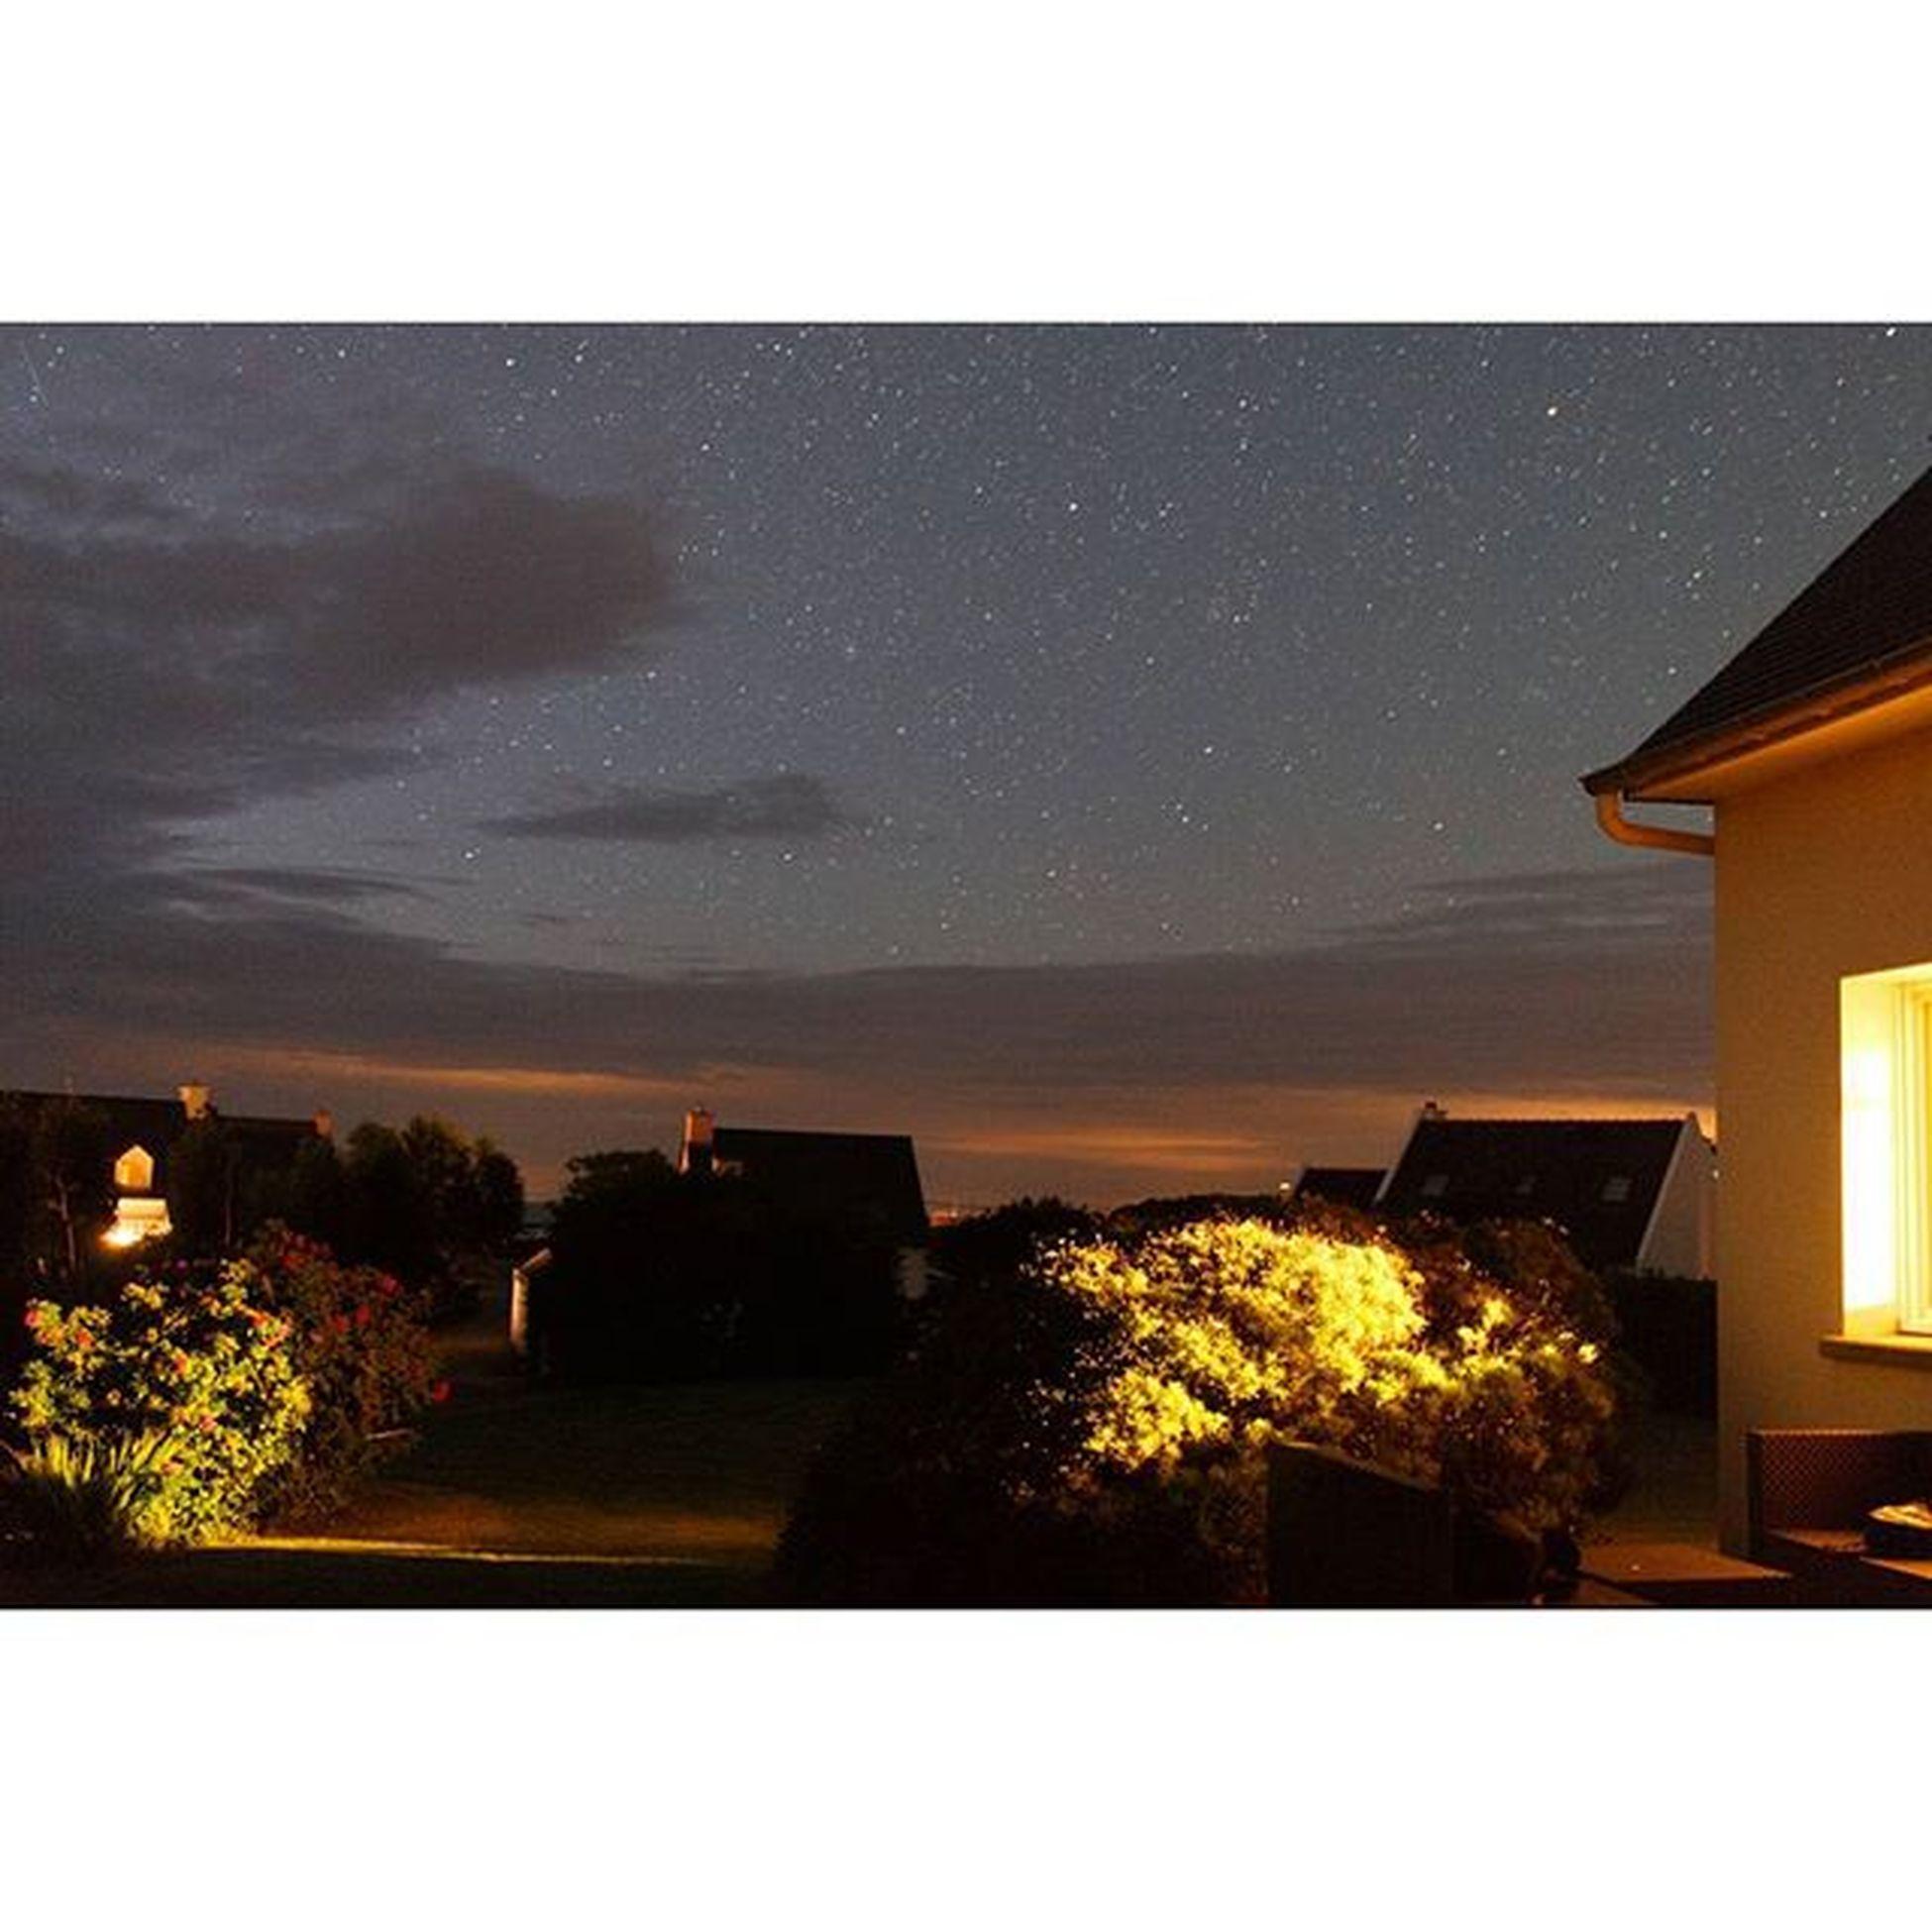 Dark and light Pleubian Larmorpleubian Brittany Bretagne Night Lowlight Dark Darkness Light Nacht Licht France Frankreich Sterne  Sternenhimmel Stars